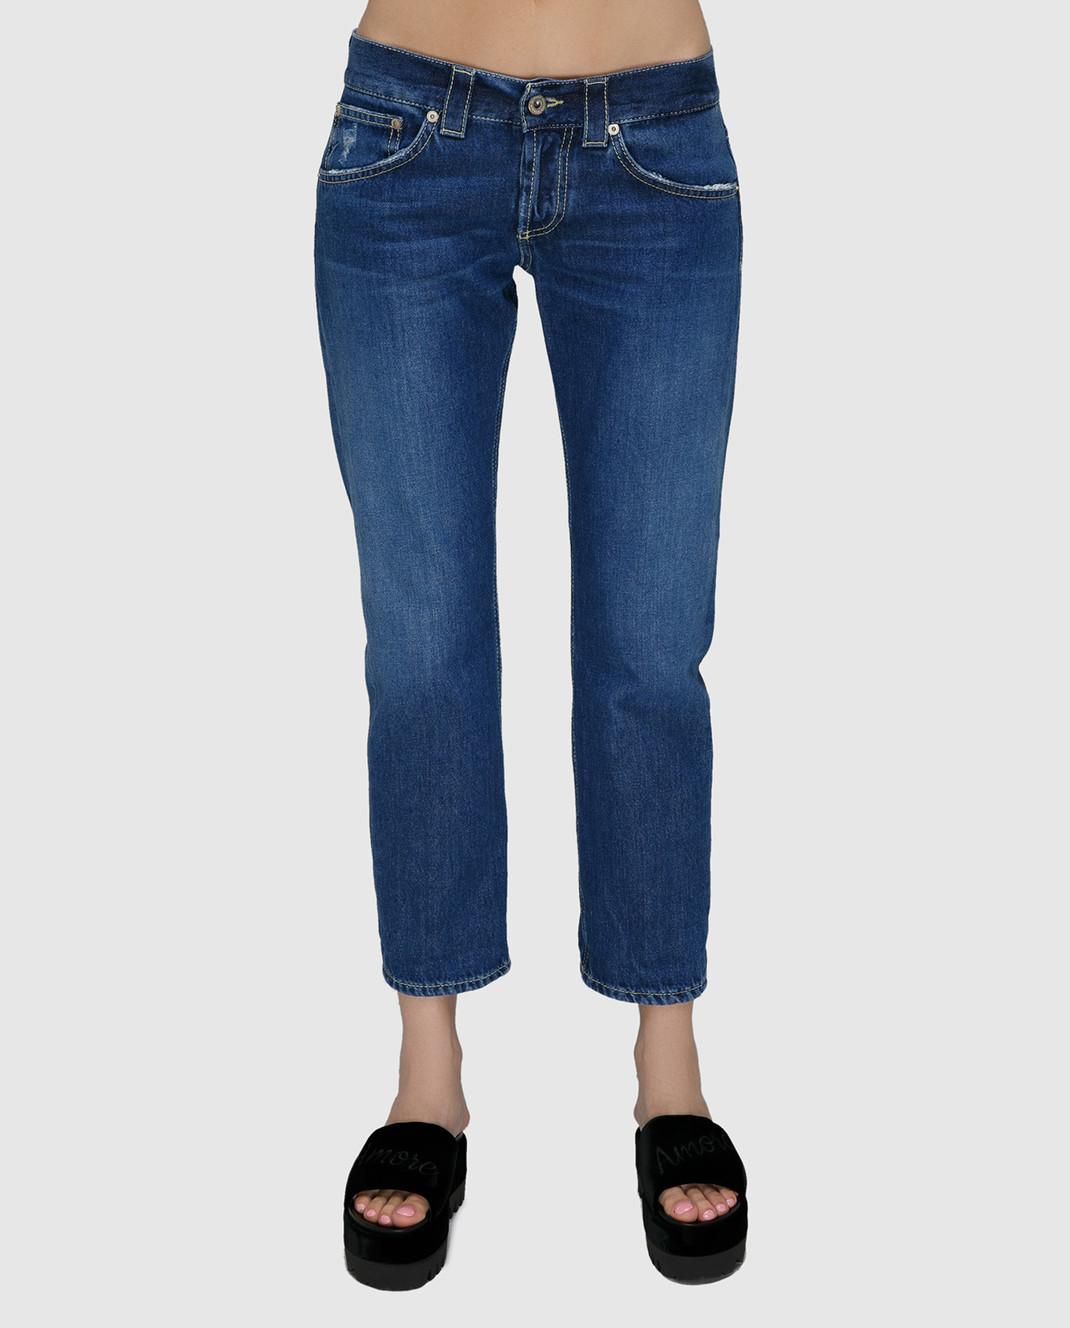 Dondup Синие джинсы P857DF142DO67 изображение 3